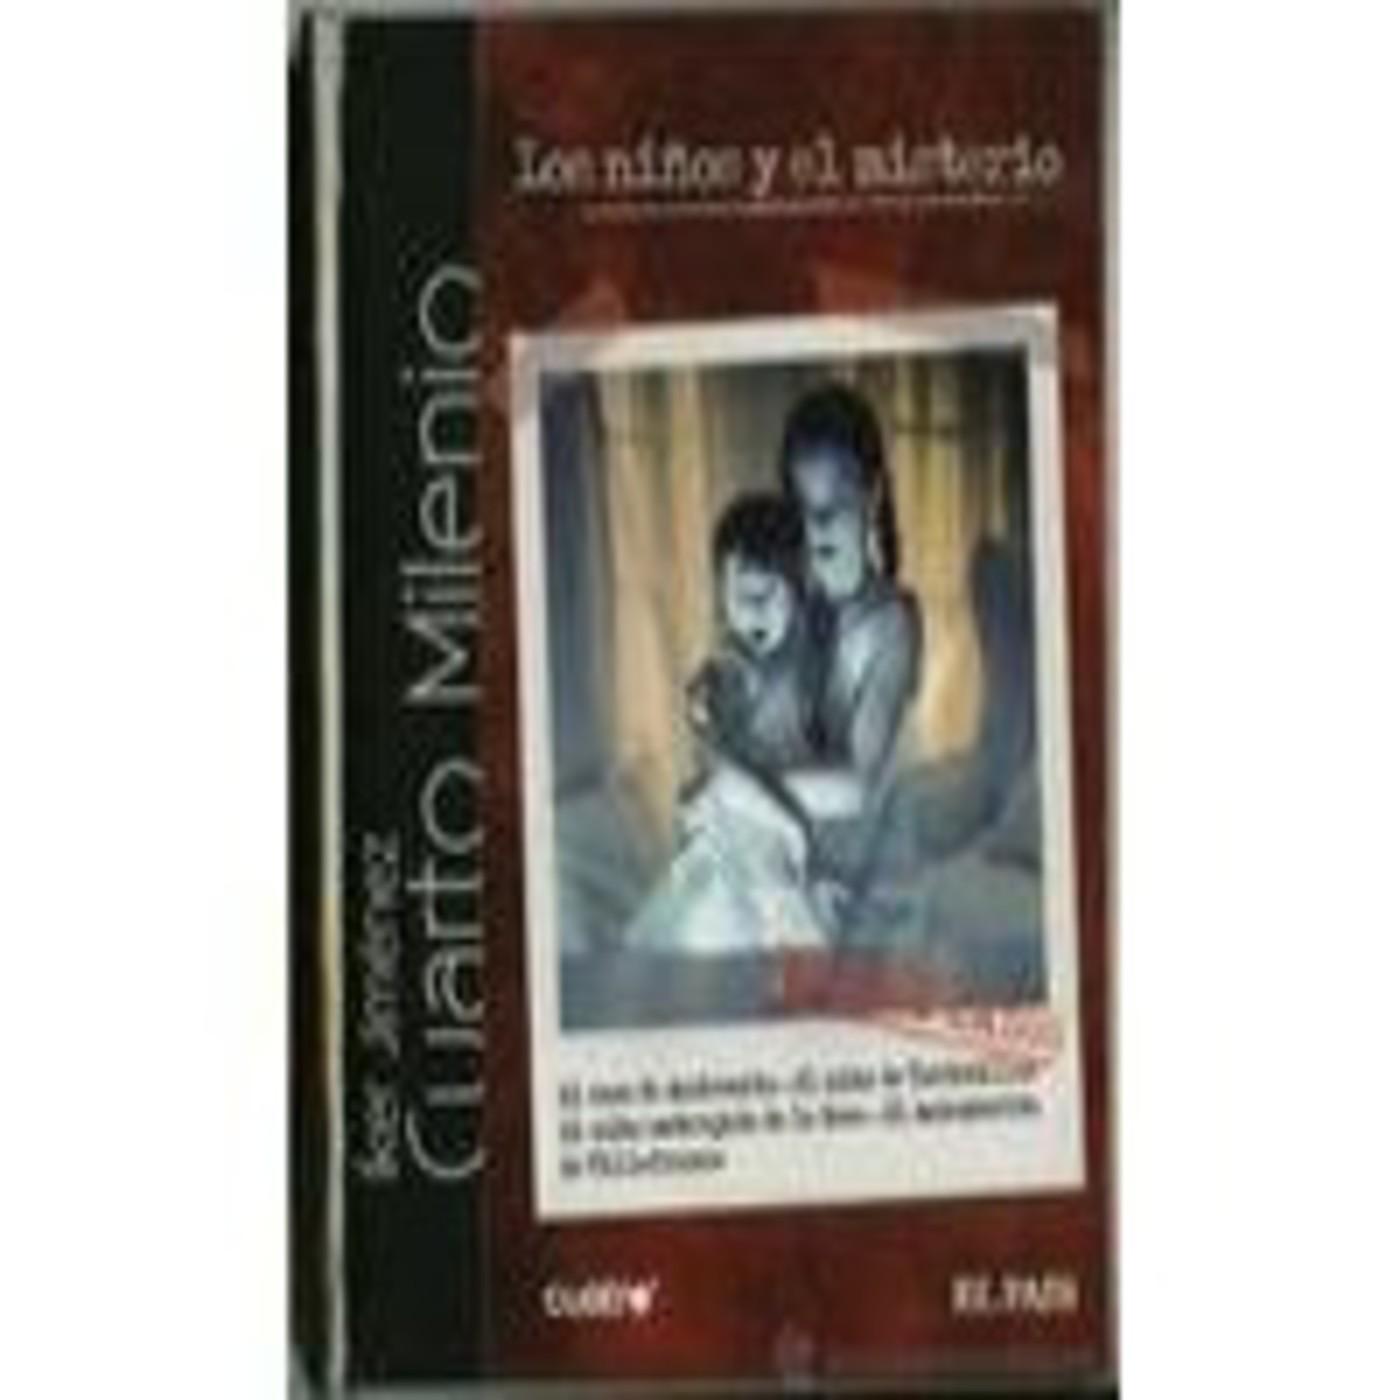 Los niños y el misterio-Colección Iker jiménez- en Podcast Visión ...